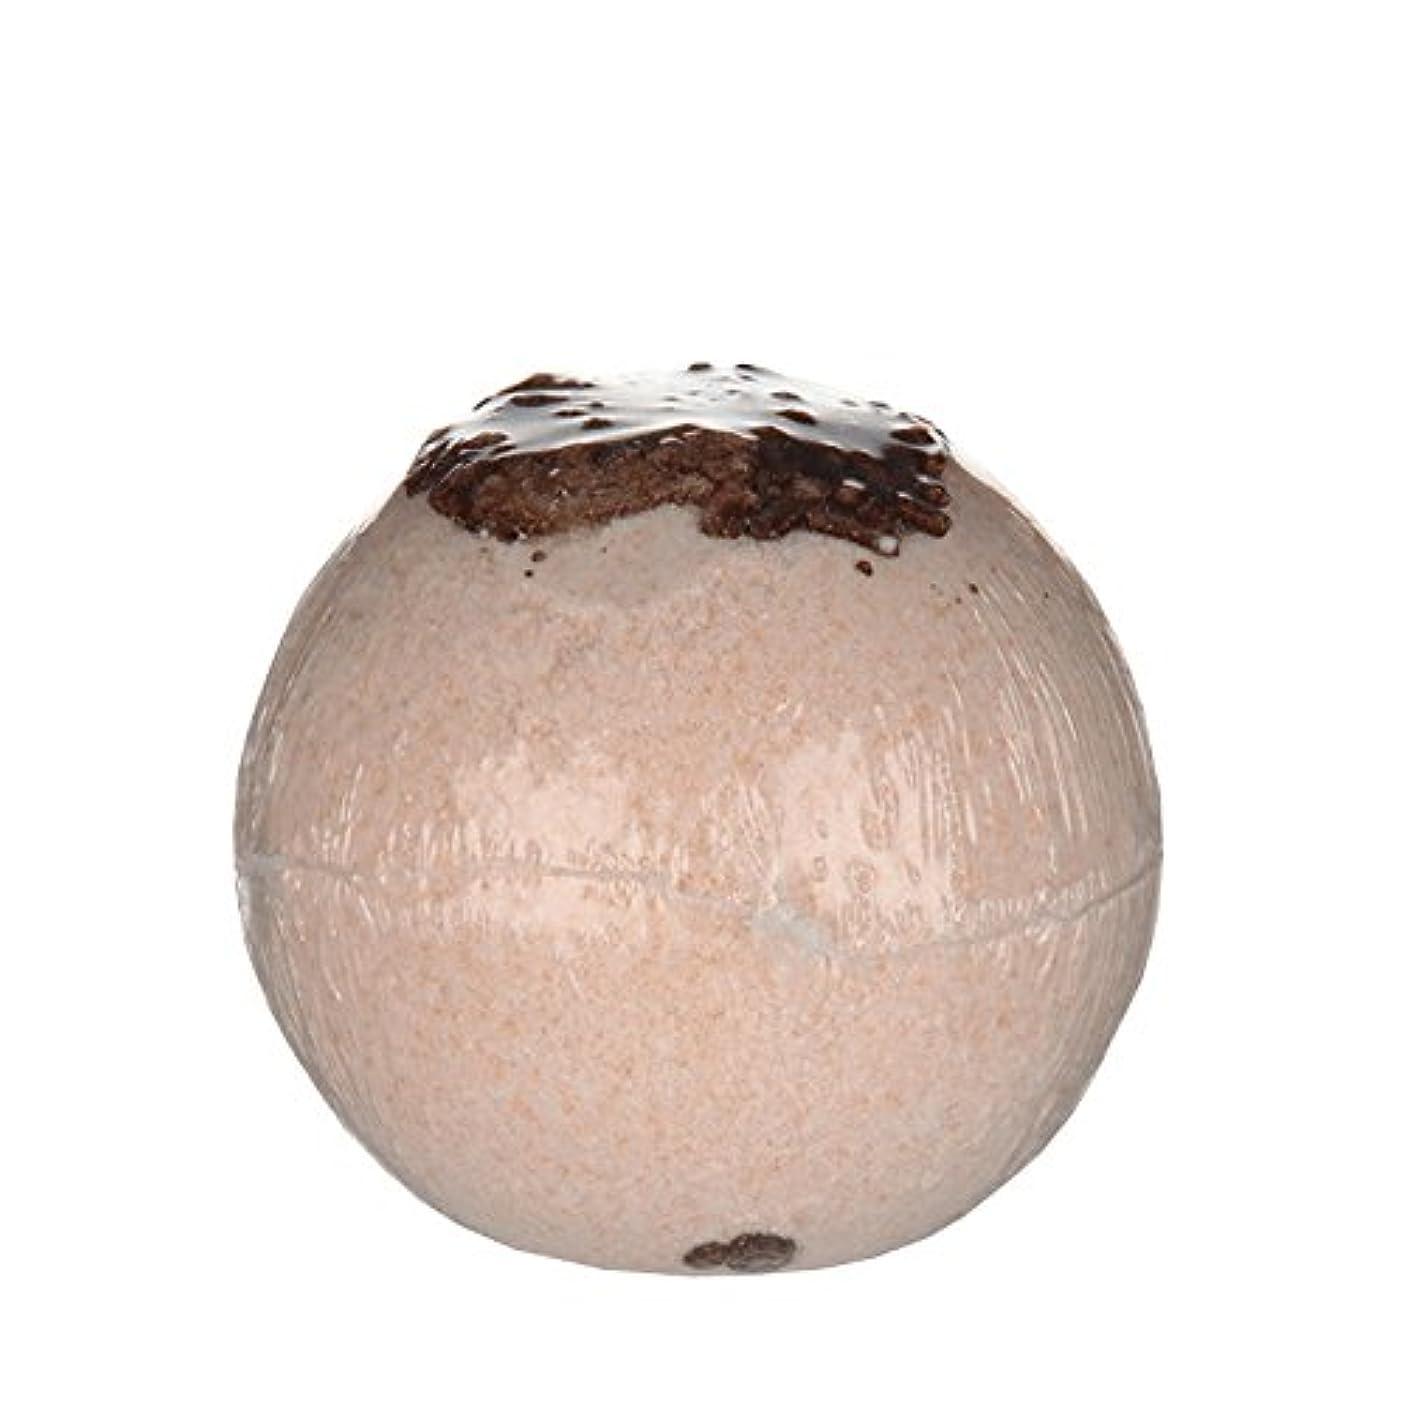 怪物フレットプレビスサイトTreets Bath Ball Coconut Chocolate 170g (Pack of 2) - Treetsバスボールココナッツチョコレート170グラム (x2) [並行輸入品]